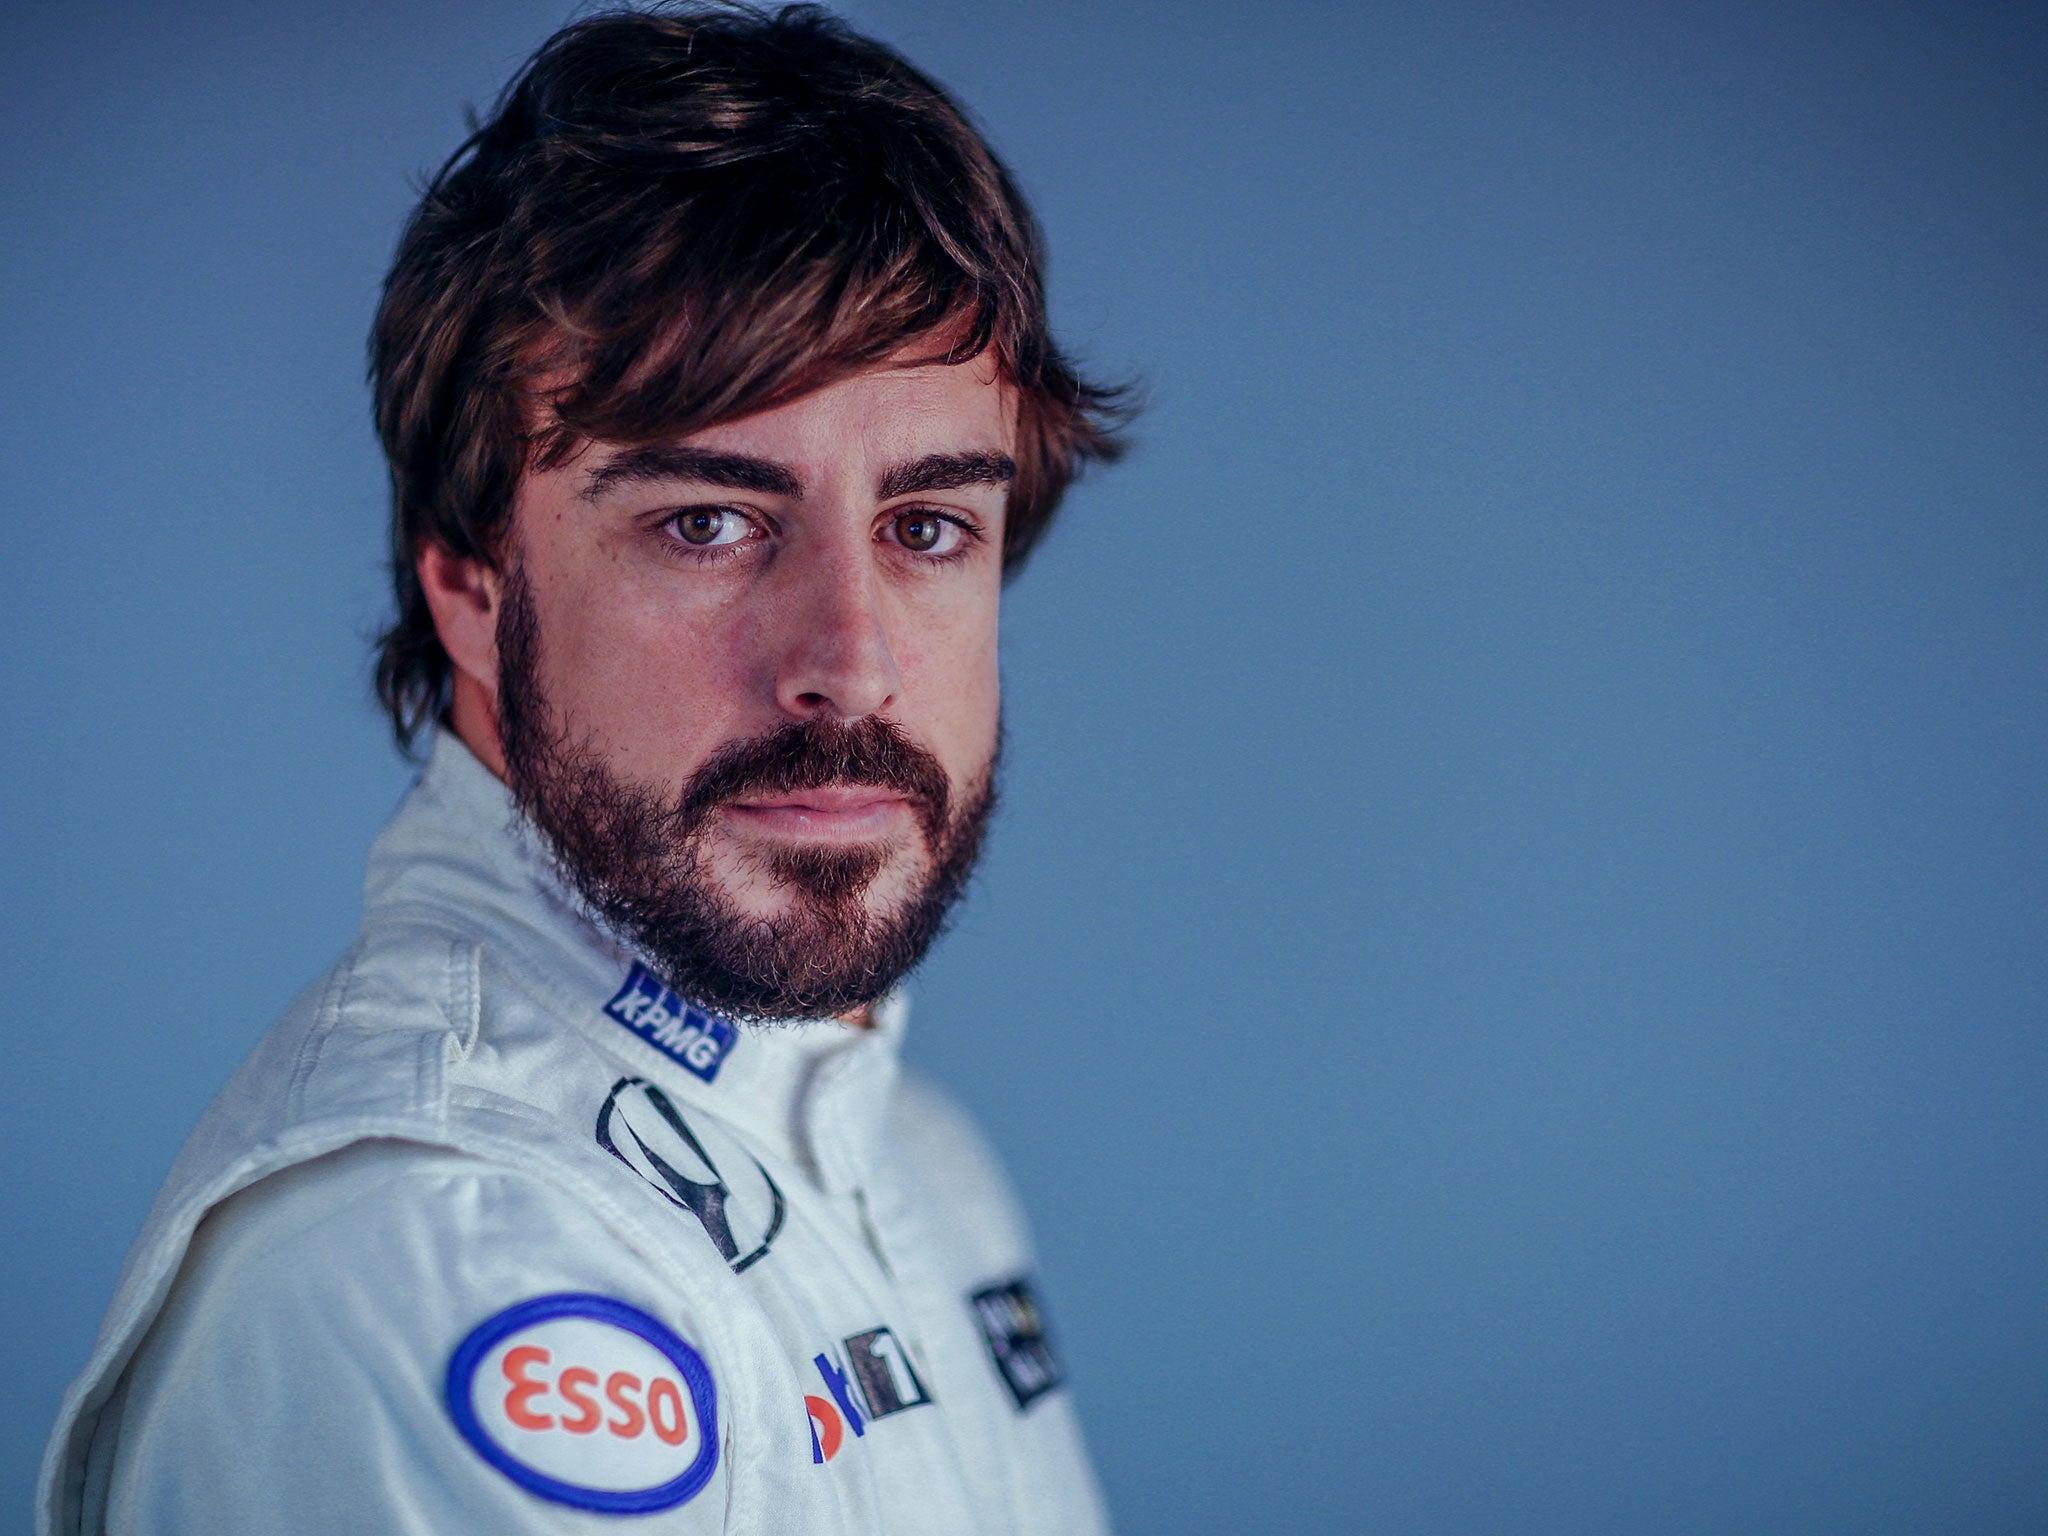 Fernando Alonso: McLaren-Honda confirm Spaniard will race ...